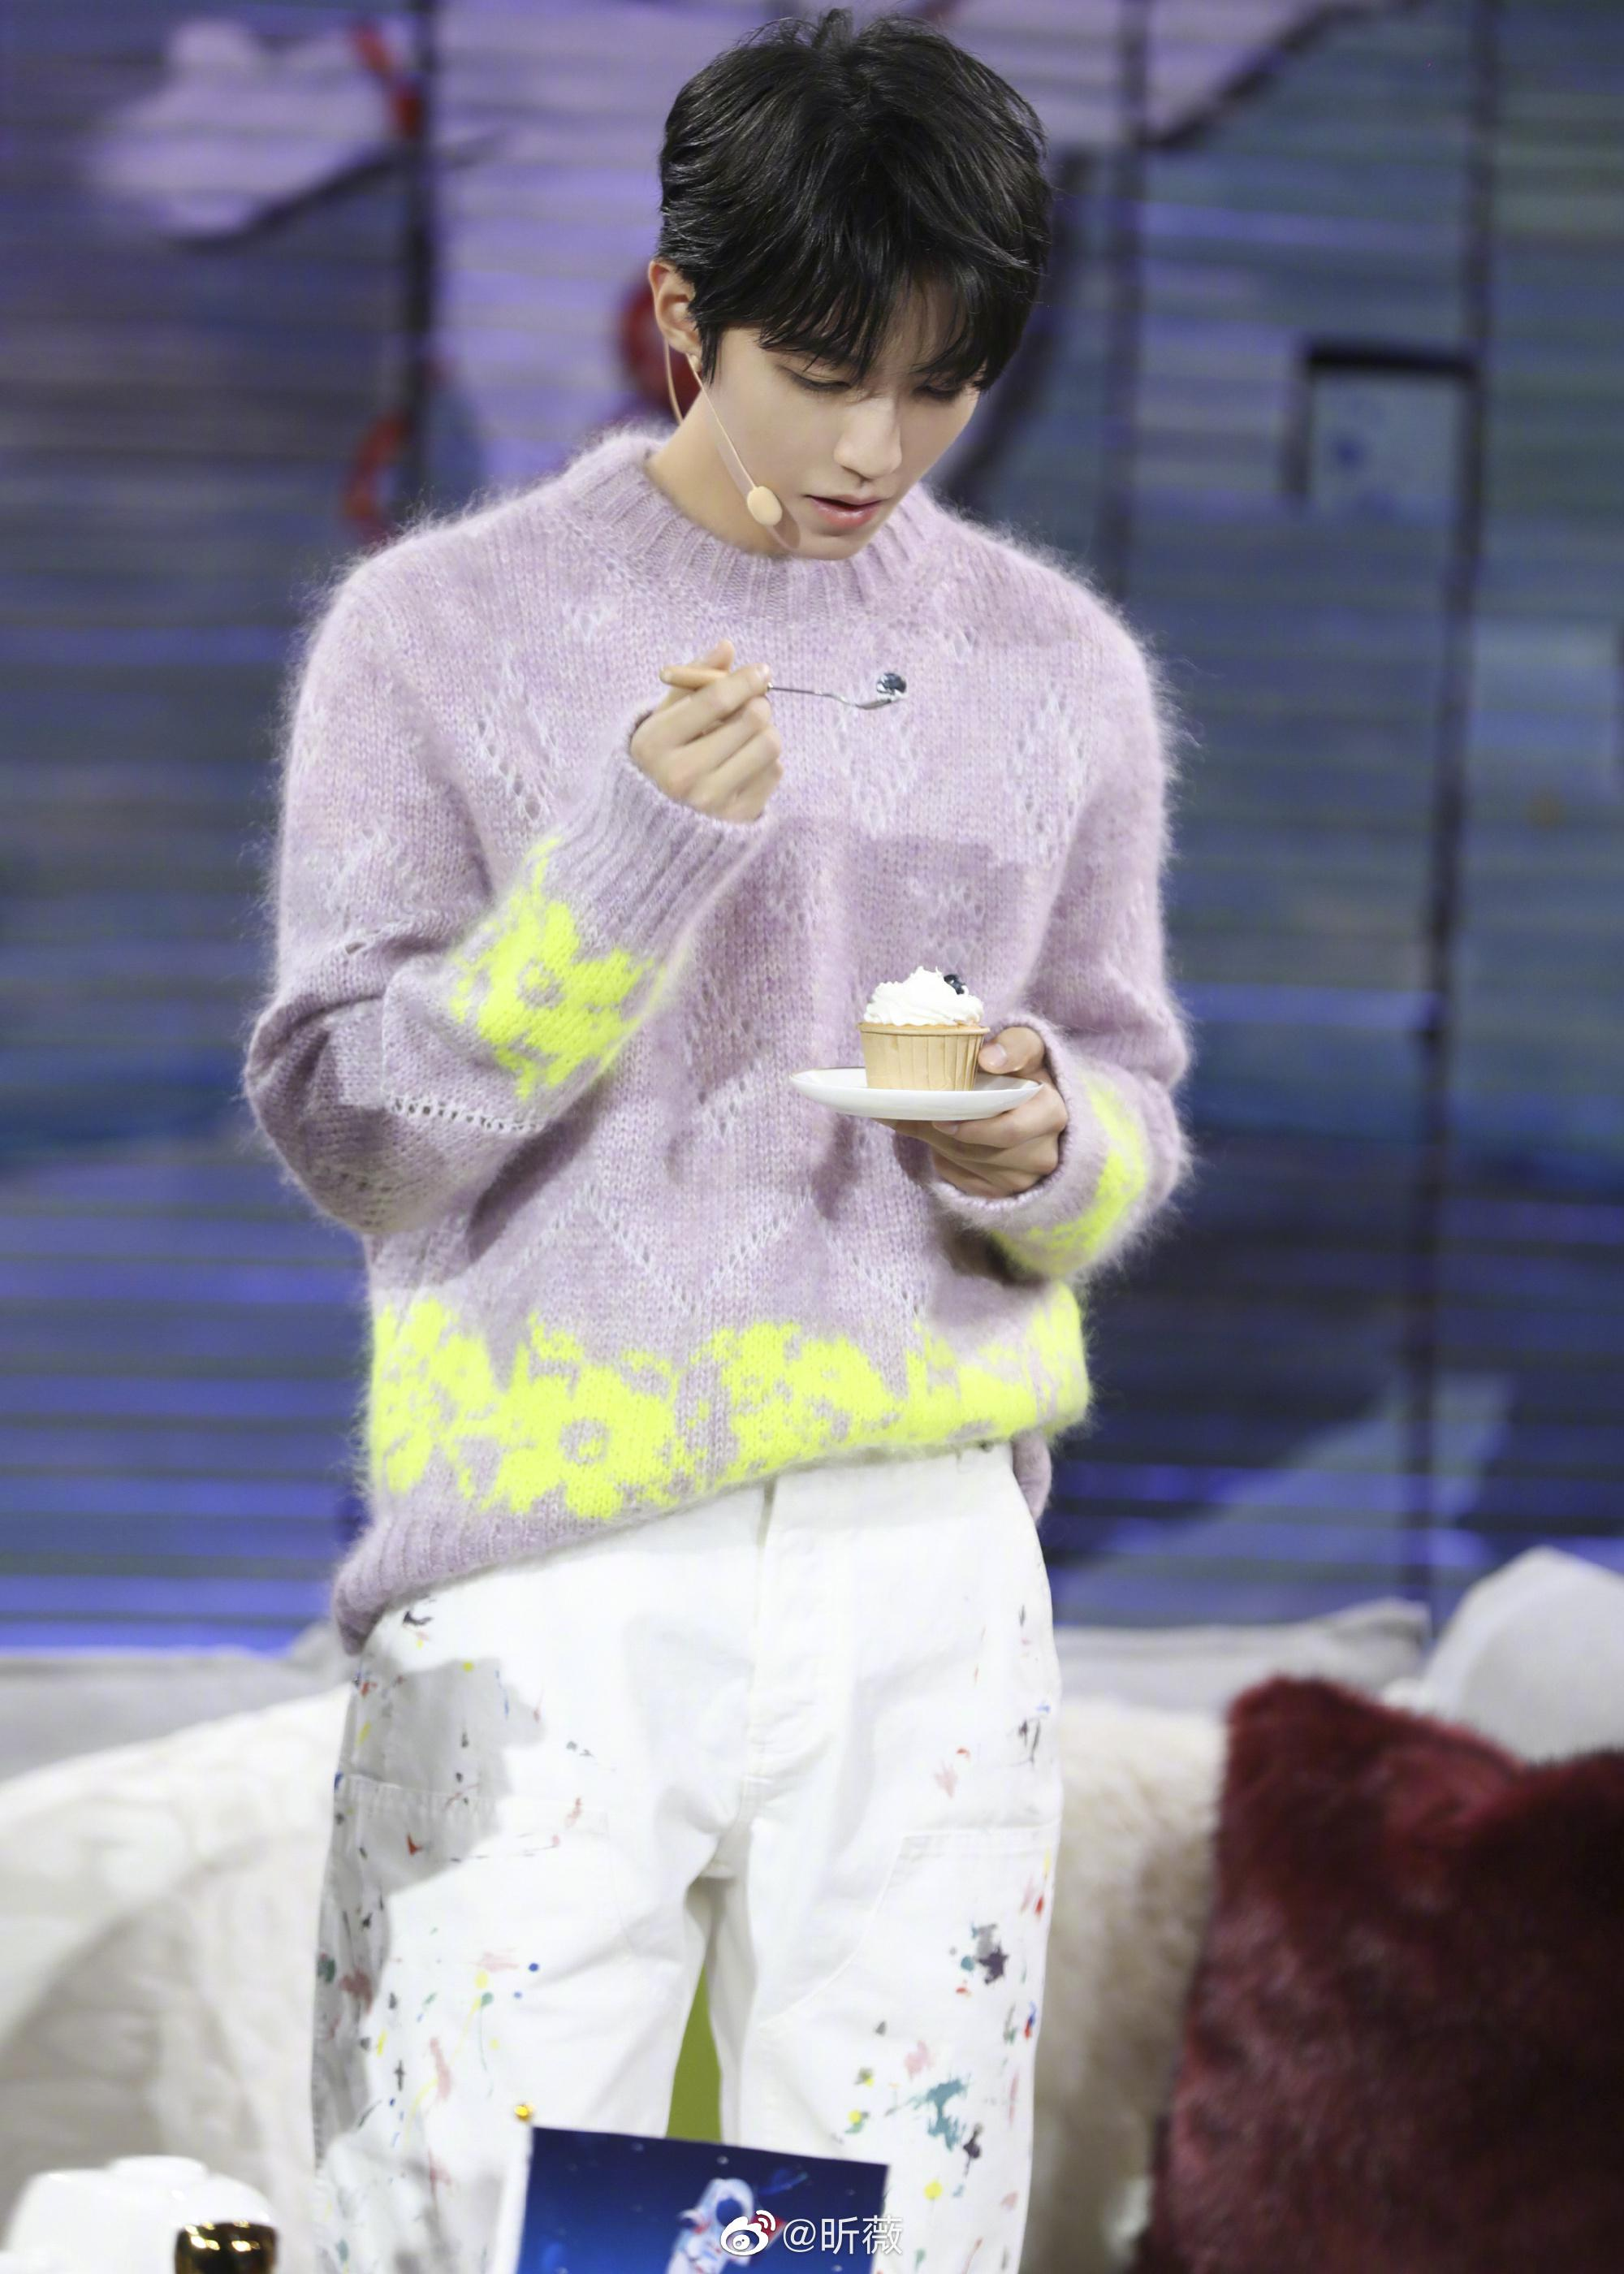 紫色毛衣搭配白色长裤现身,今日是温柔俊俏的翩翩少年